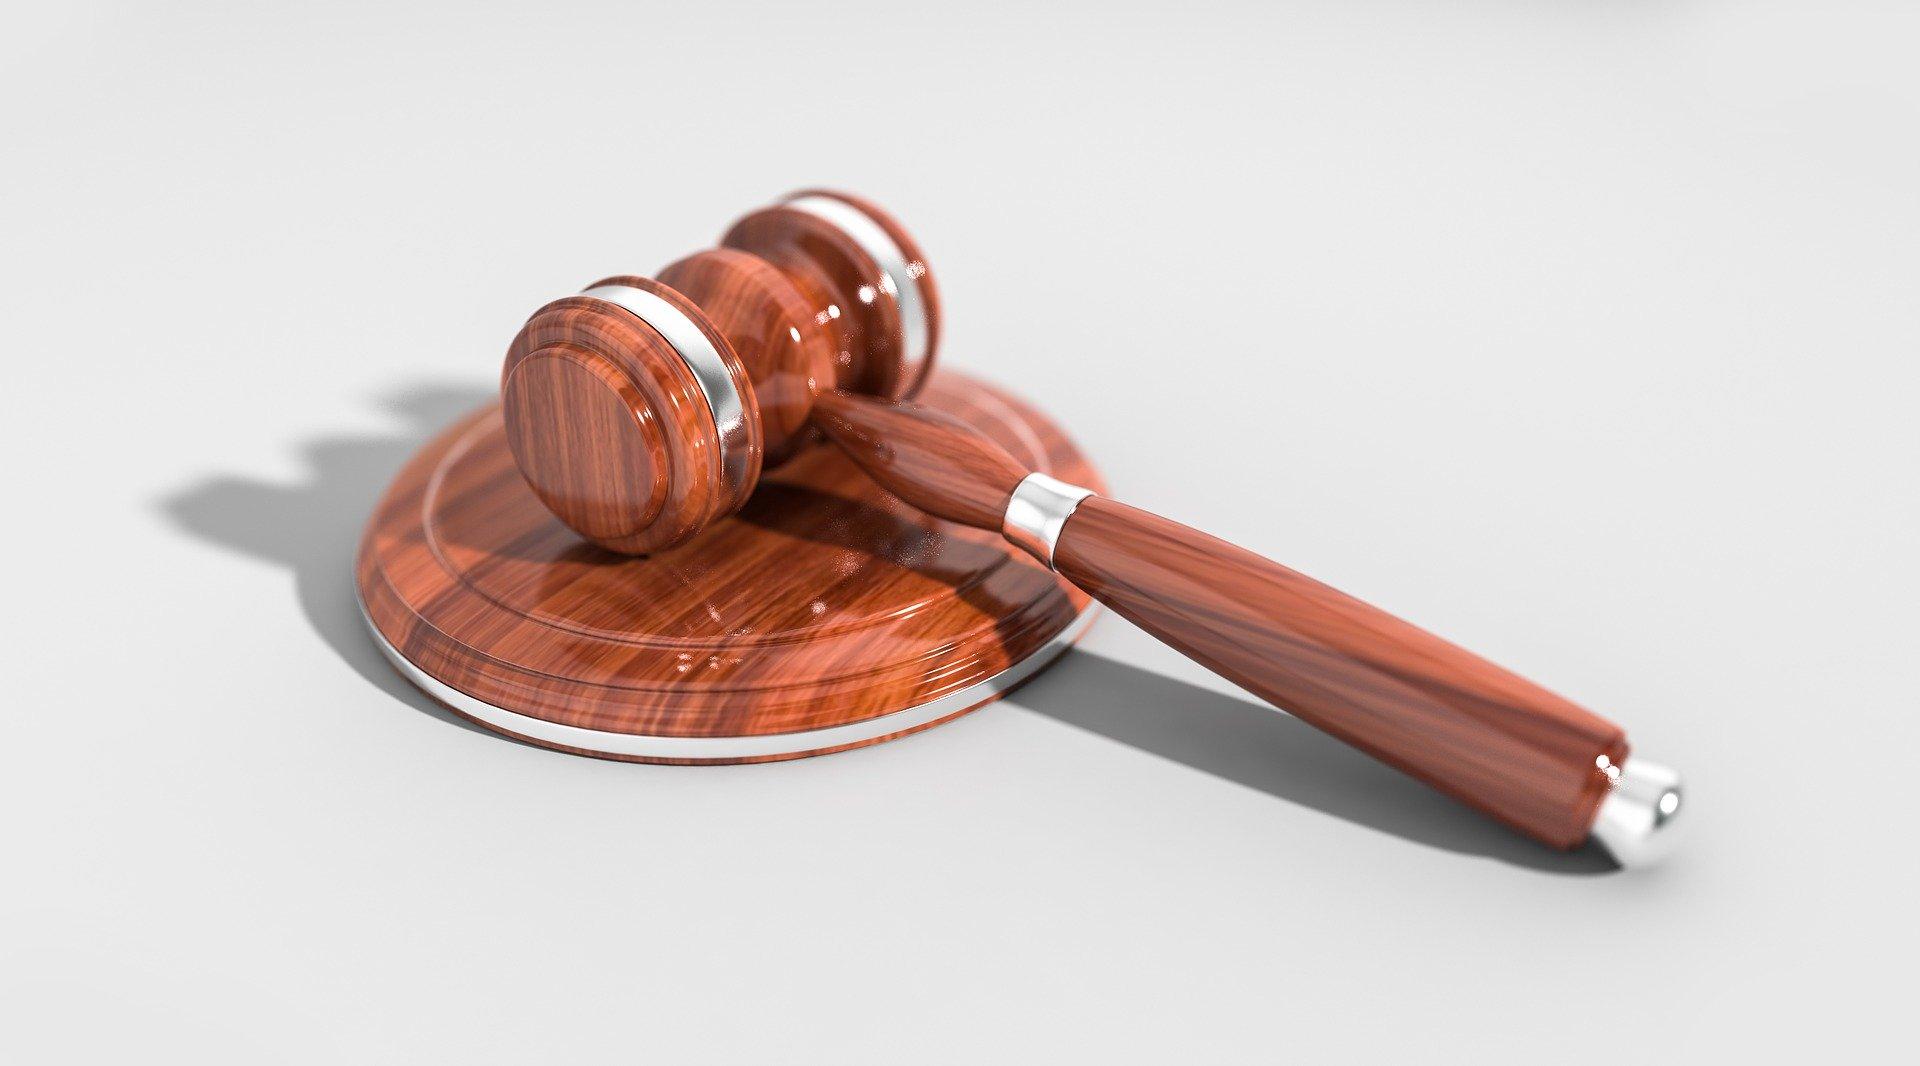 美籍華人石山被判刑,原因是為中國企業竊取美國公司商業機密。(Pixabay)